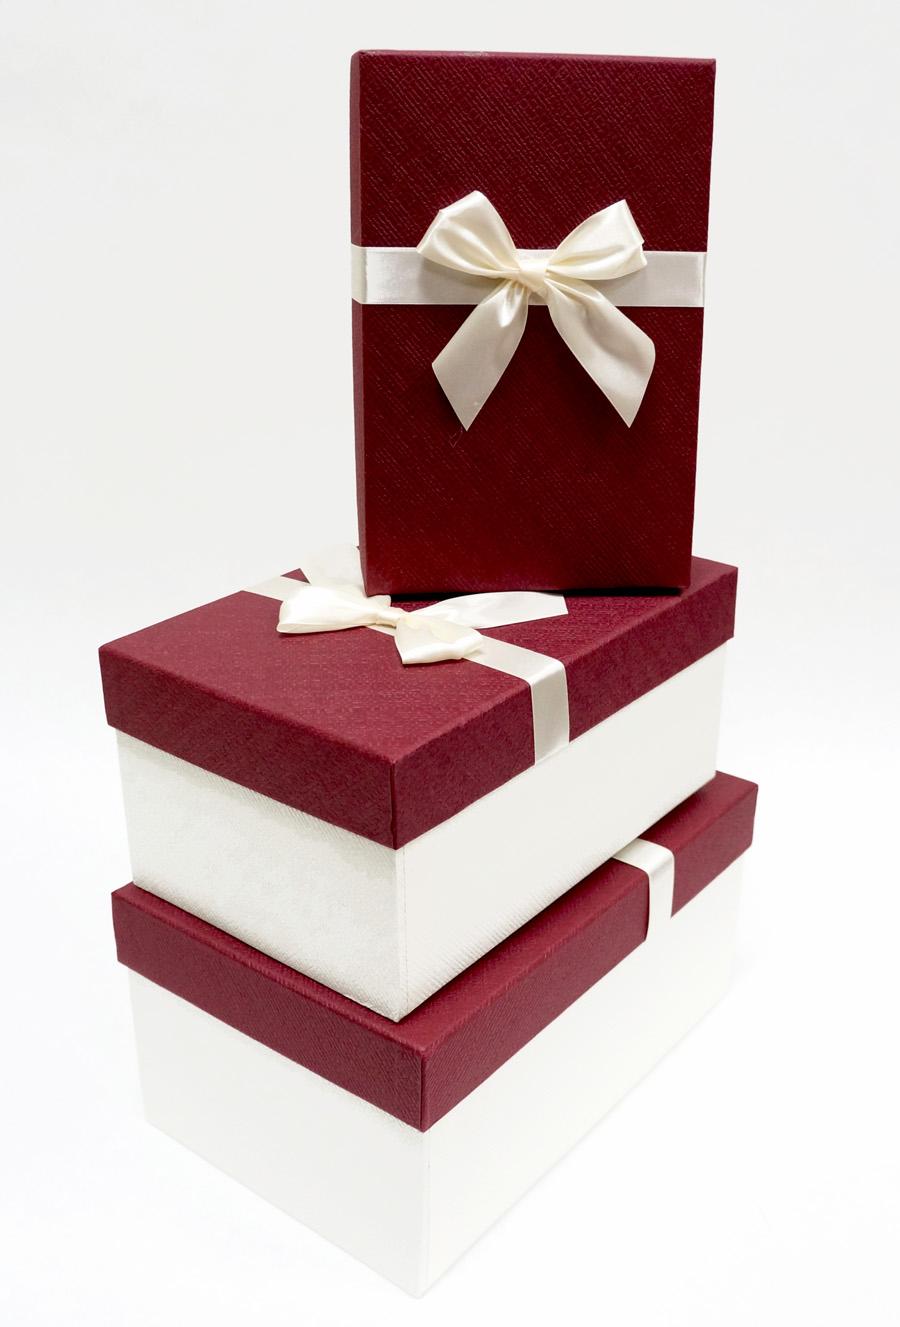 6 веселых подарков парню своими руками Идея 2: Сладкая коробка